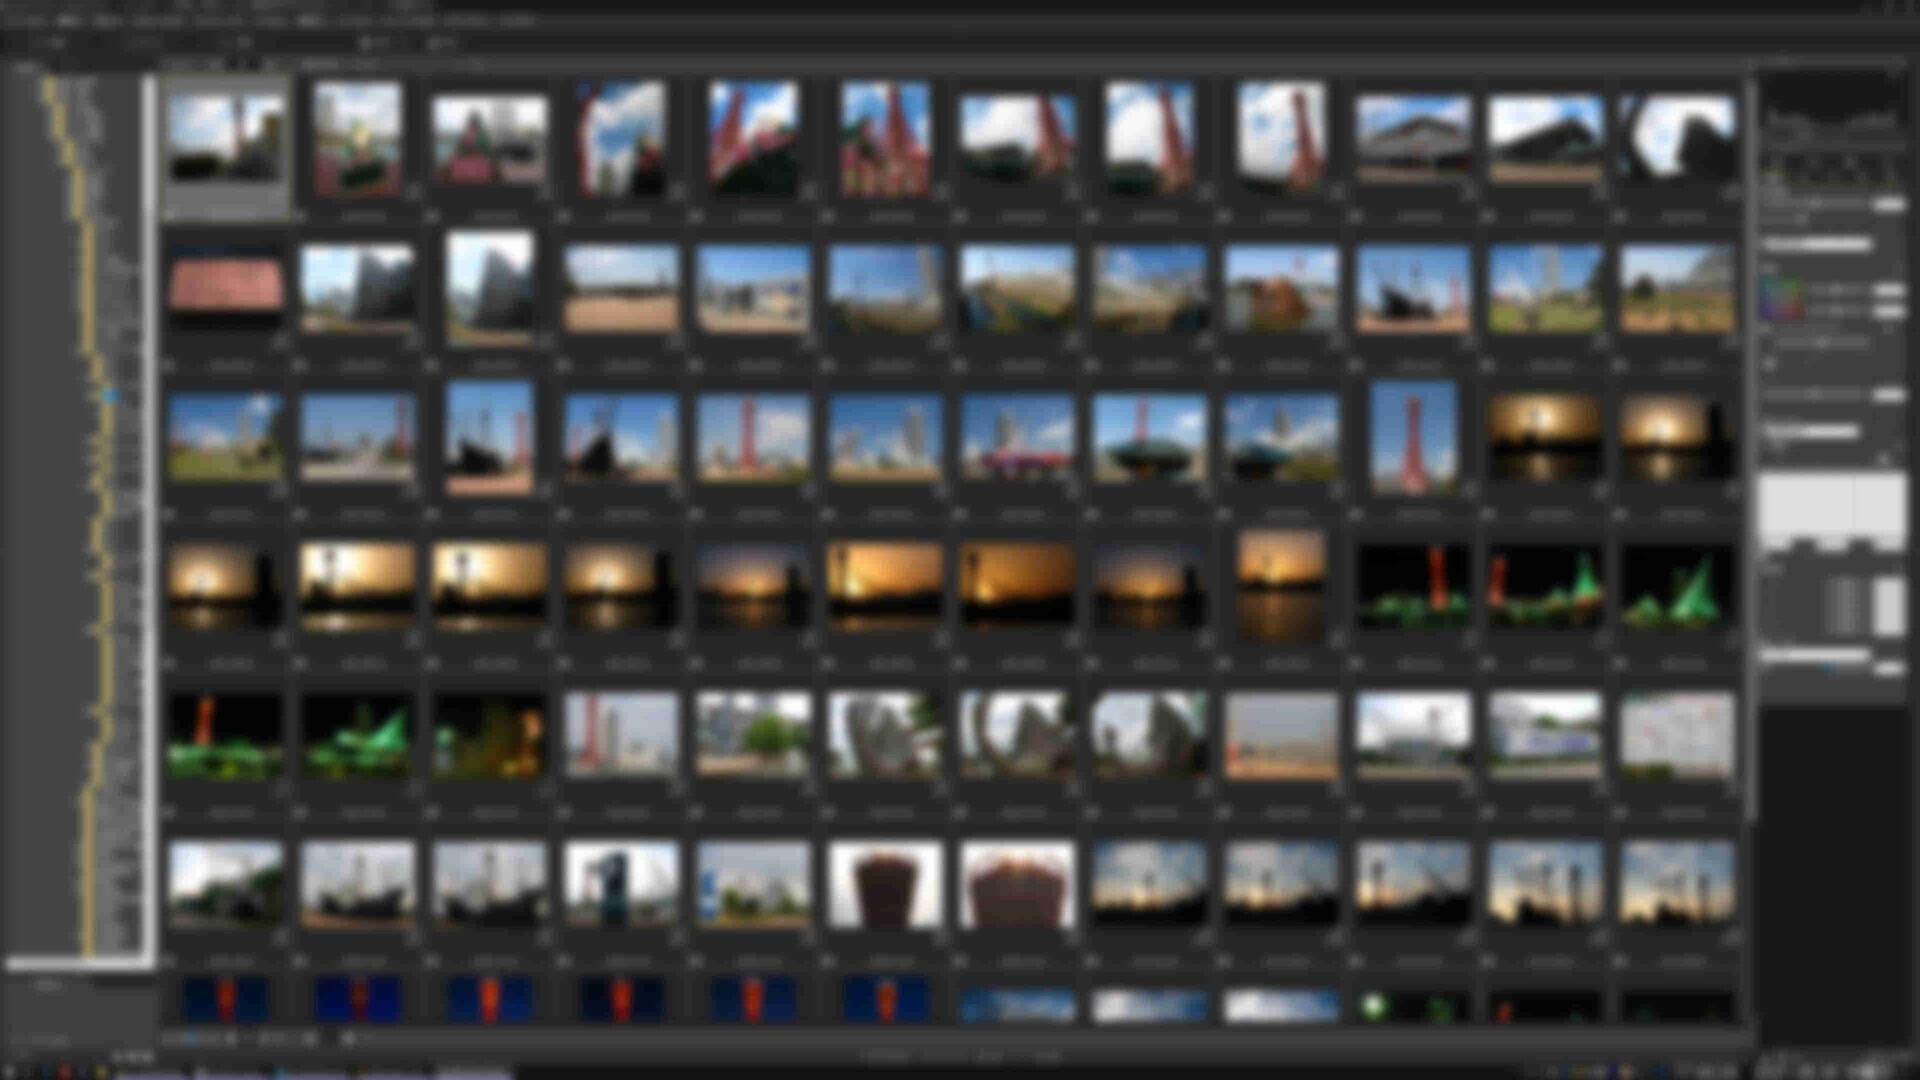 画像処理ソフトでの画像ビューアで写真一覧を表示